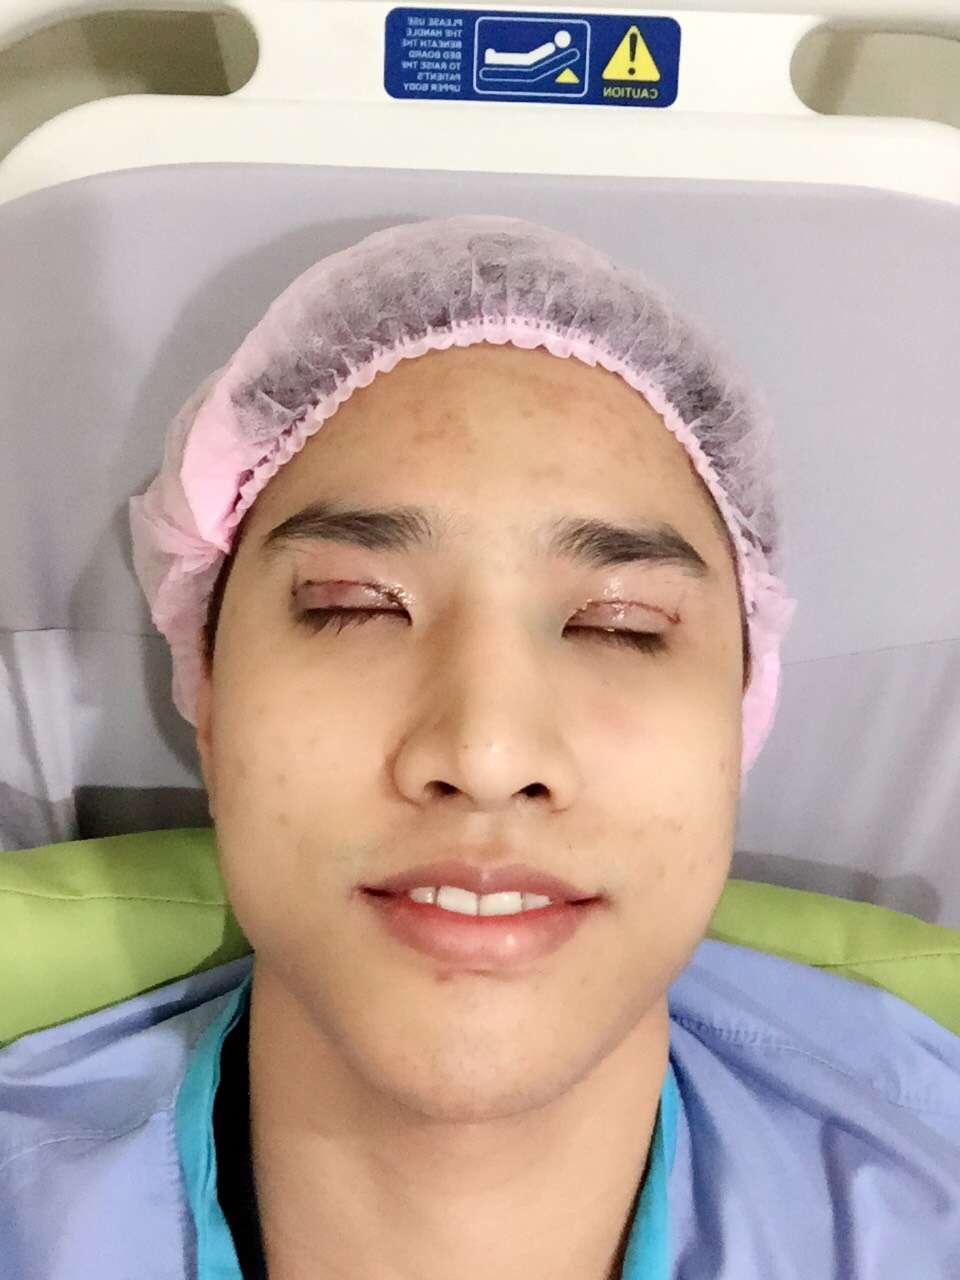 ศัลยกรรมทำตาสองชั้นแบบแมนๆ ที่ มาสเตอร์พีซ คลินิก